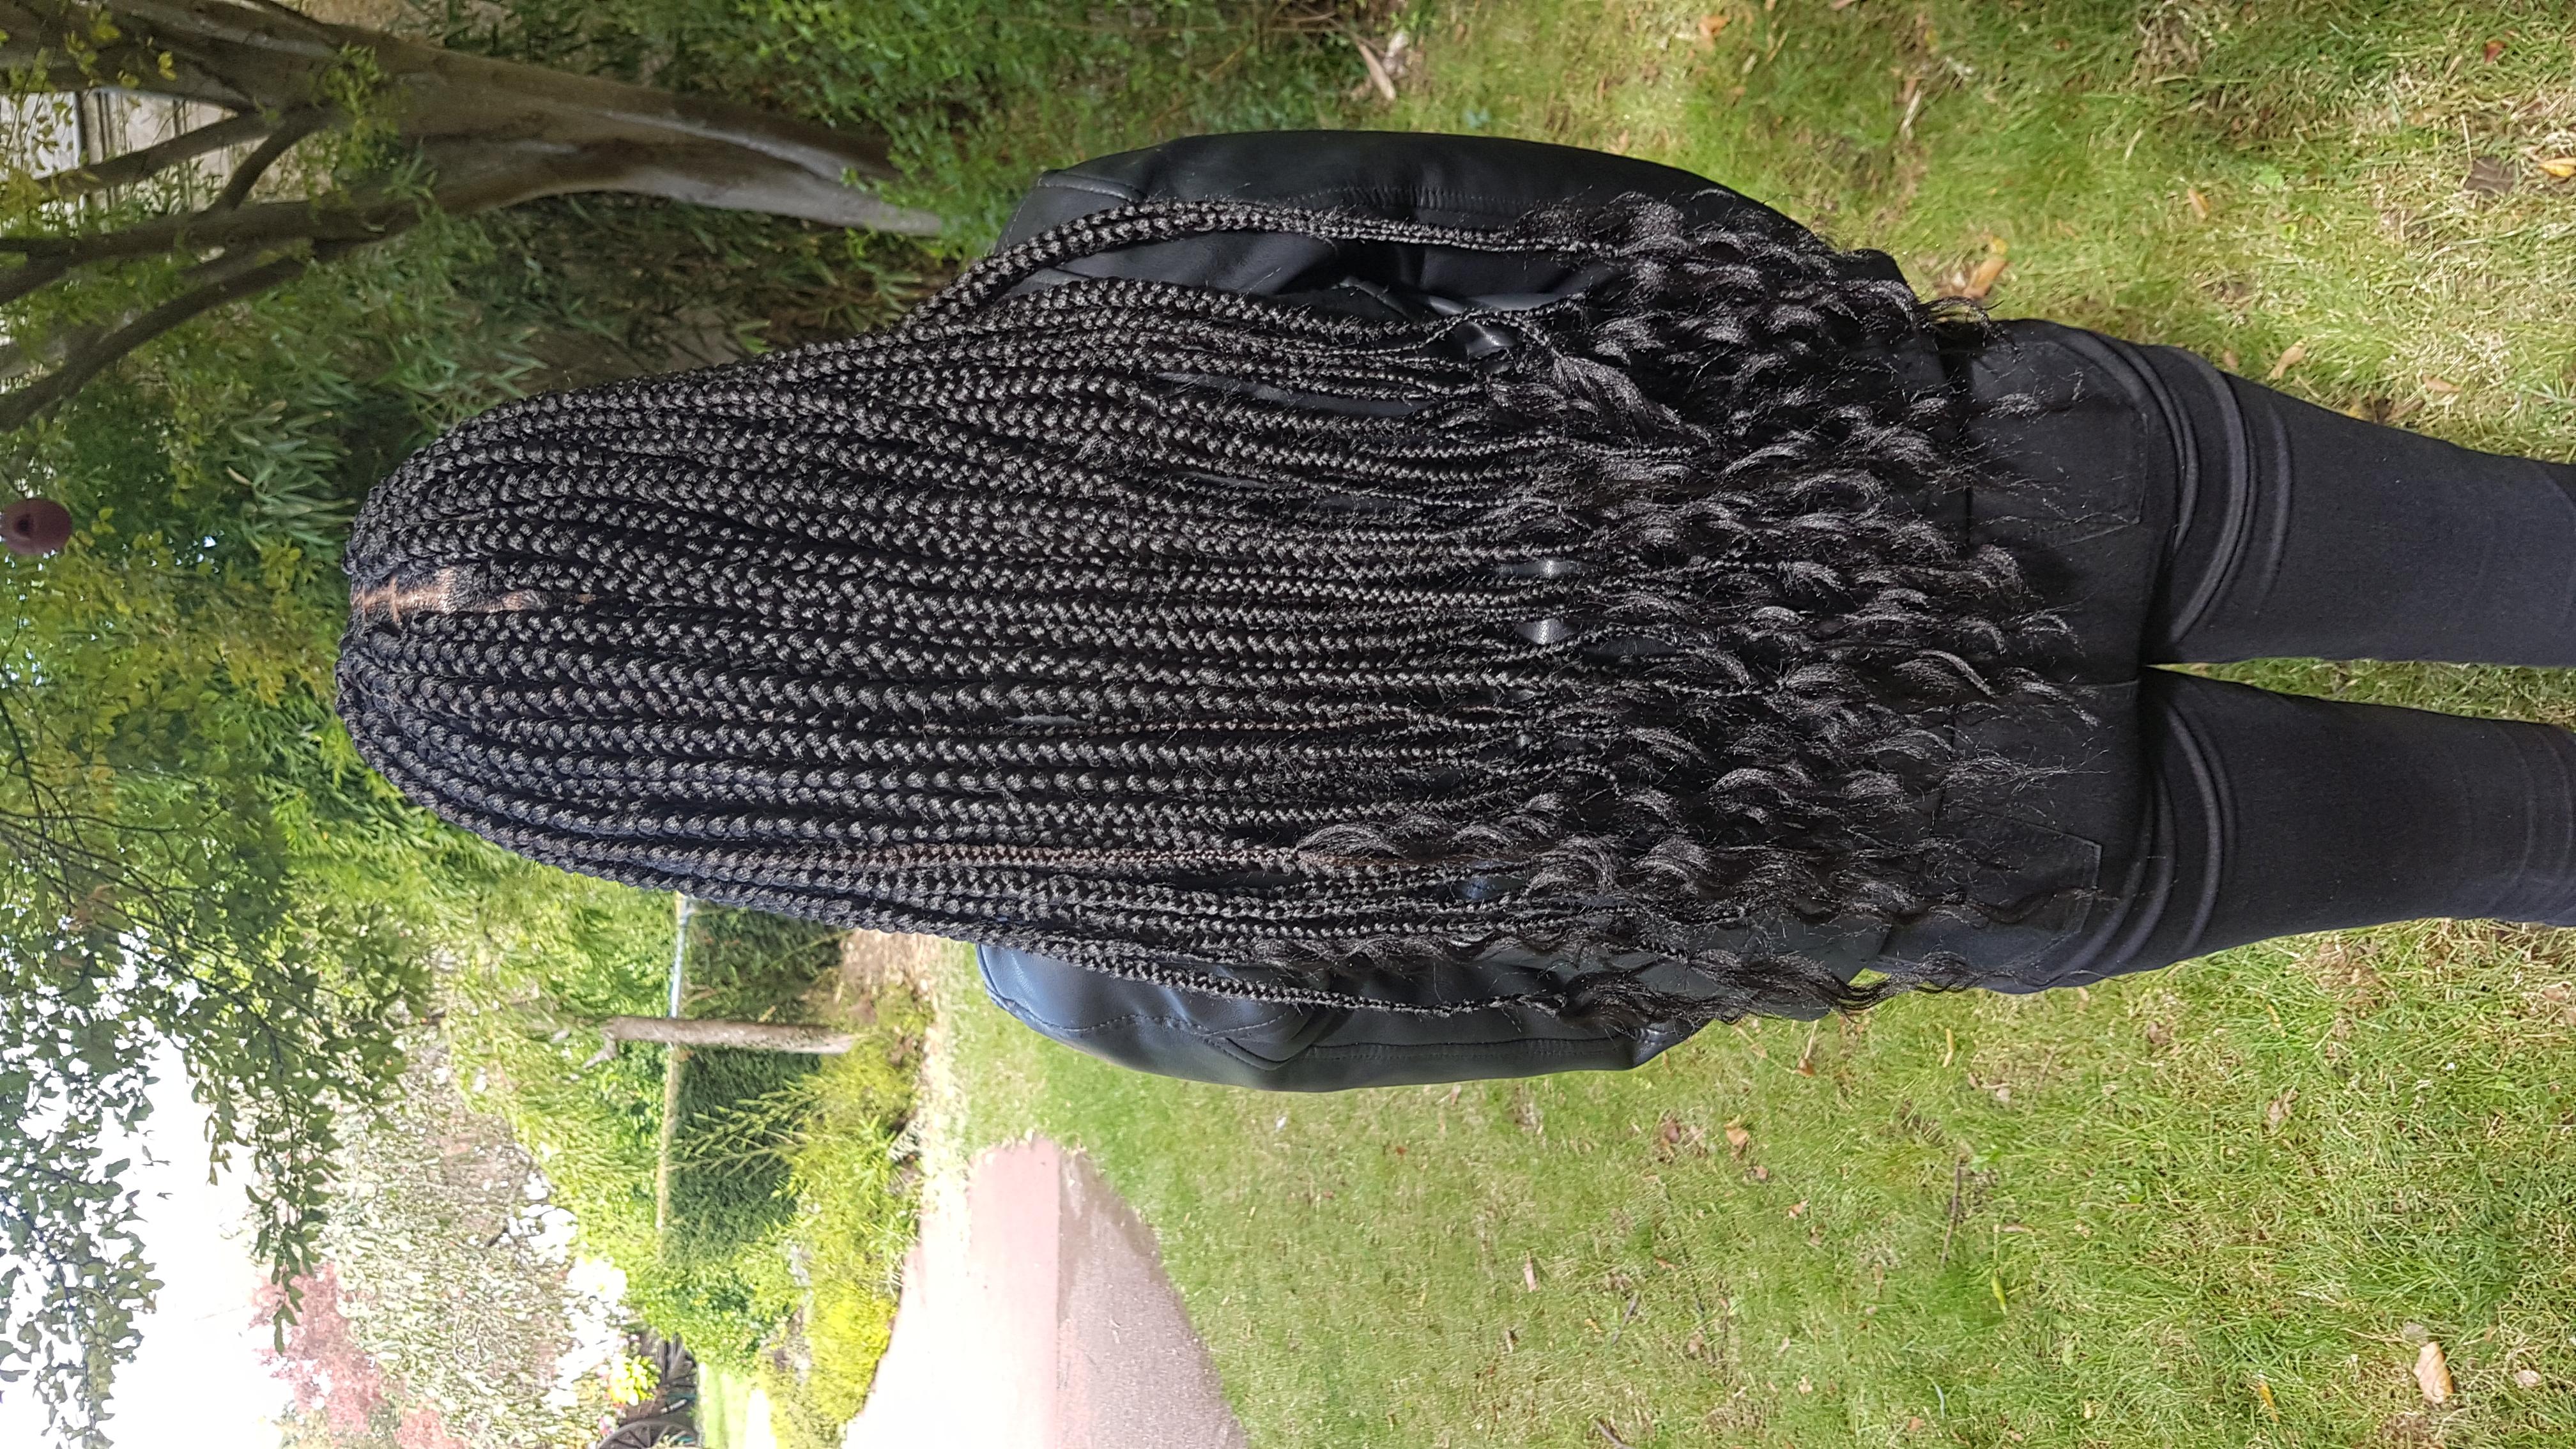 salon de coiffure afro tresse tresses box braids crochet braids vanilles tissages paris 75 77 78 91 92 93 94 95 GYXIJNYZ